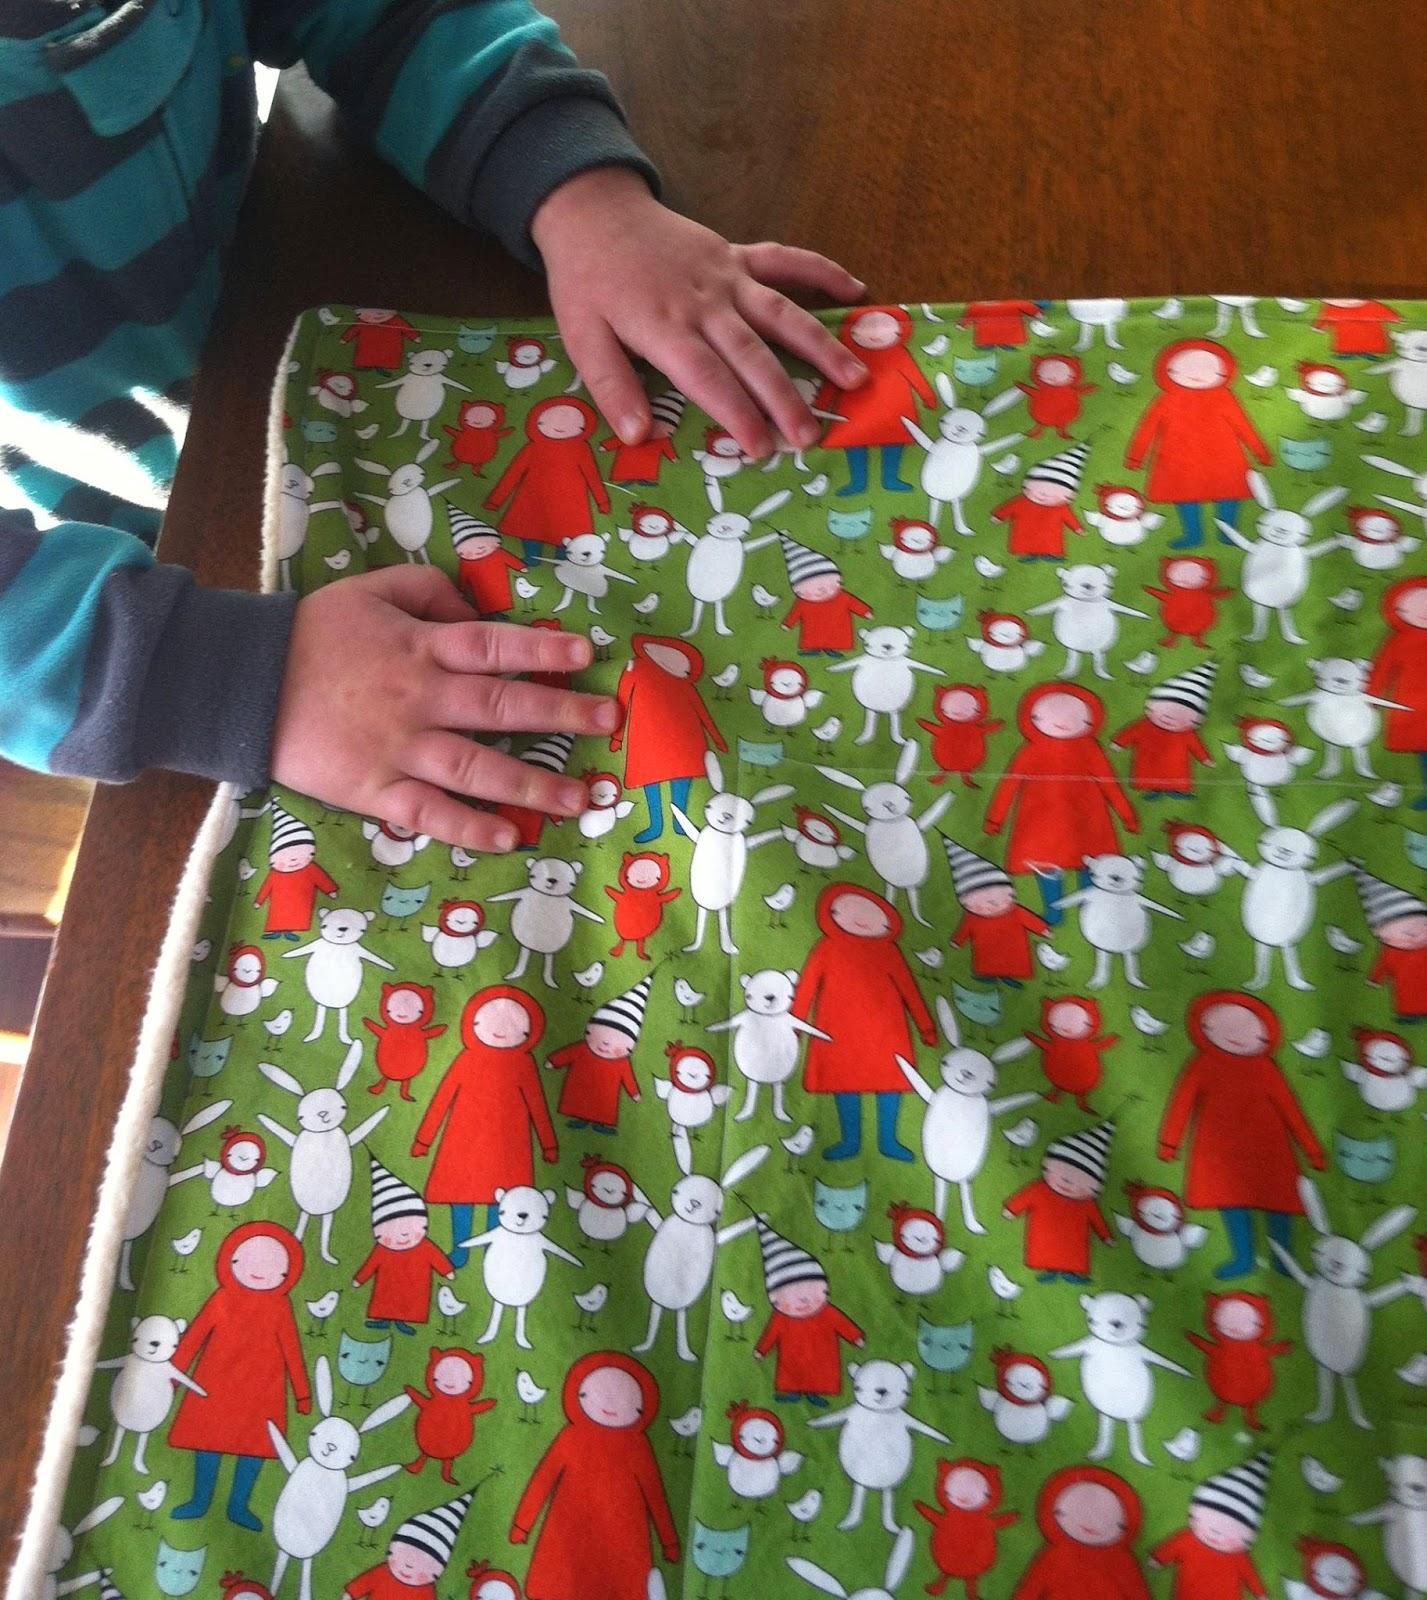 http://www.marymarthamama.com/crafty-cat/easy-diy-baby-blanket-tutorial/